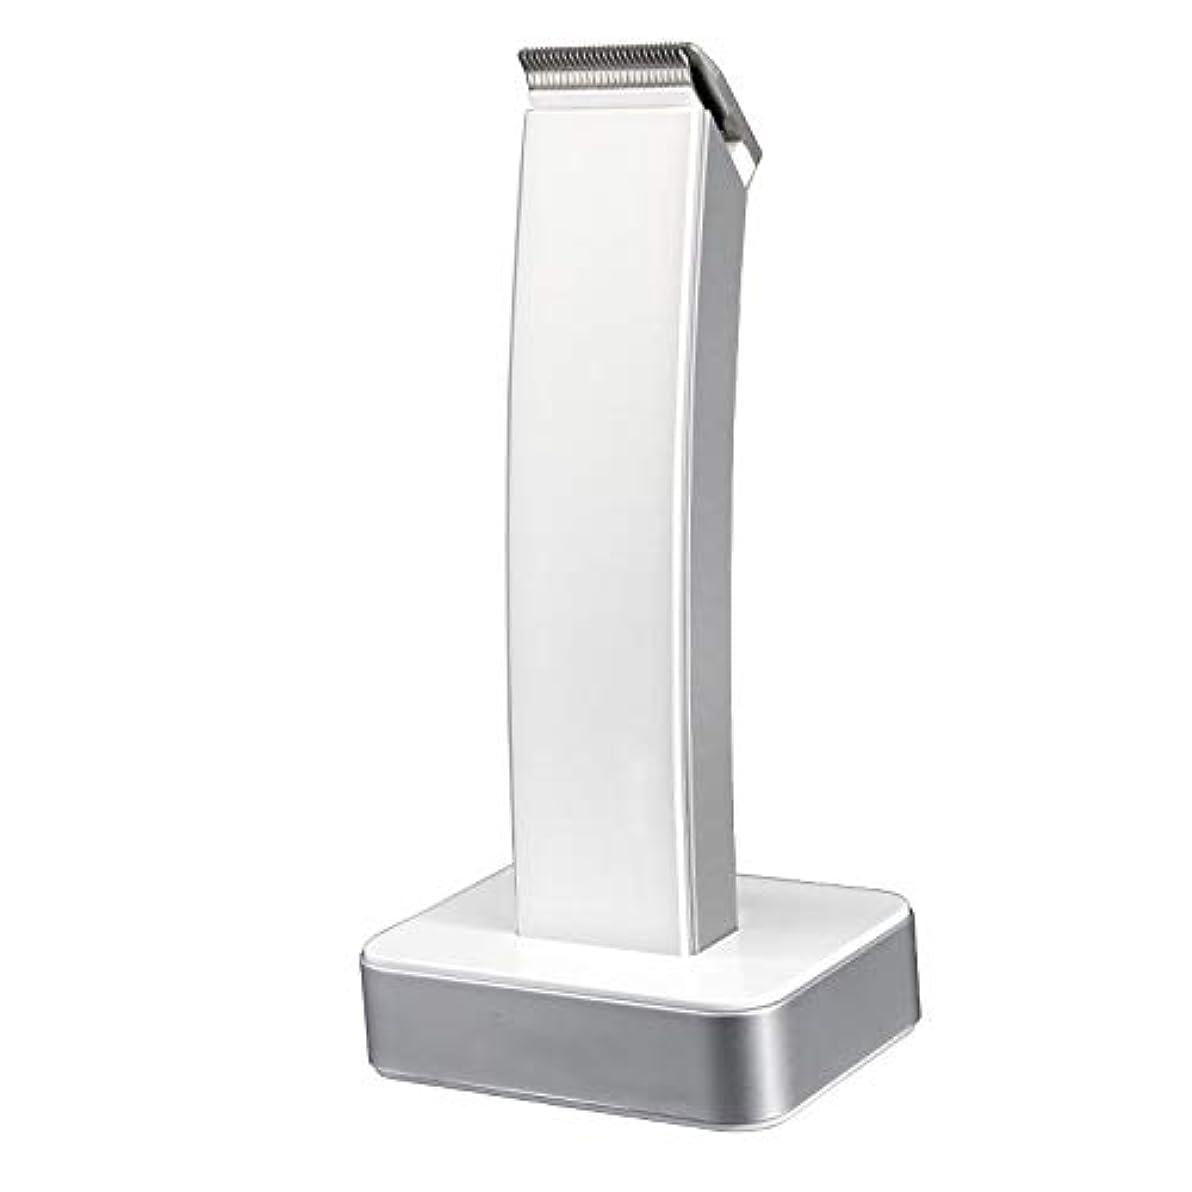 リーガンメタリックトリプル男性用電気シェーバー髭トリマー充電式ヘアトリマーコードレスバリカン電気シェーバーボディトリマーキット(交換可能なT/Uブレード付き)、5ブレードコム、クリーニングブラシ